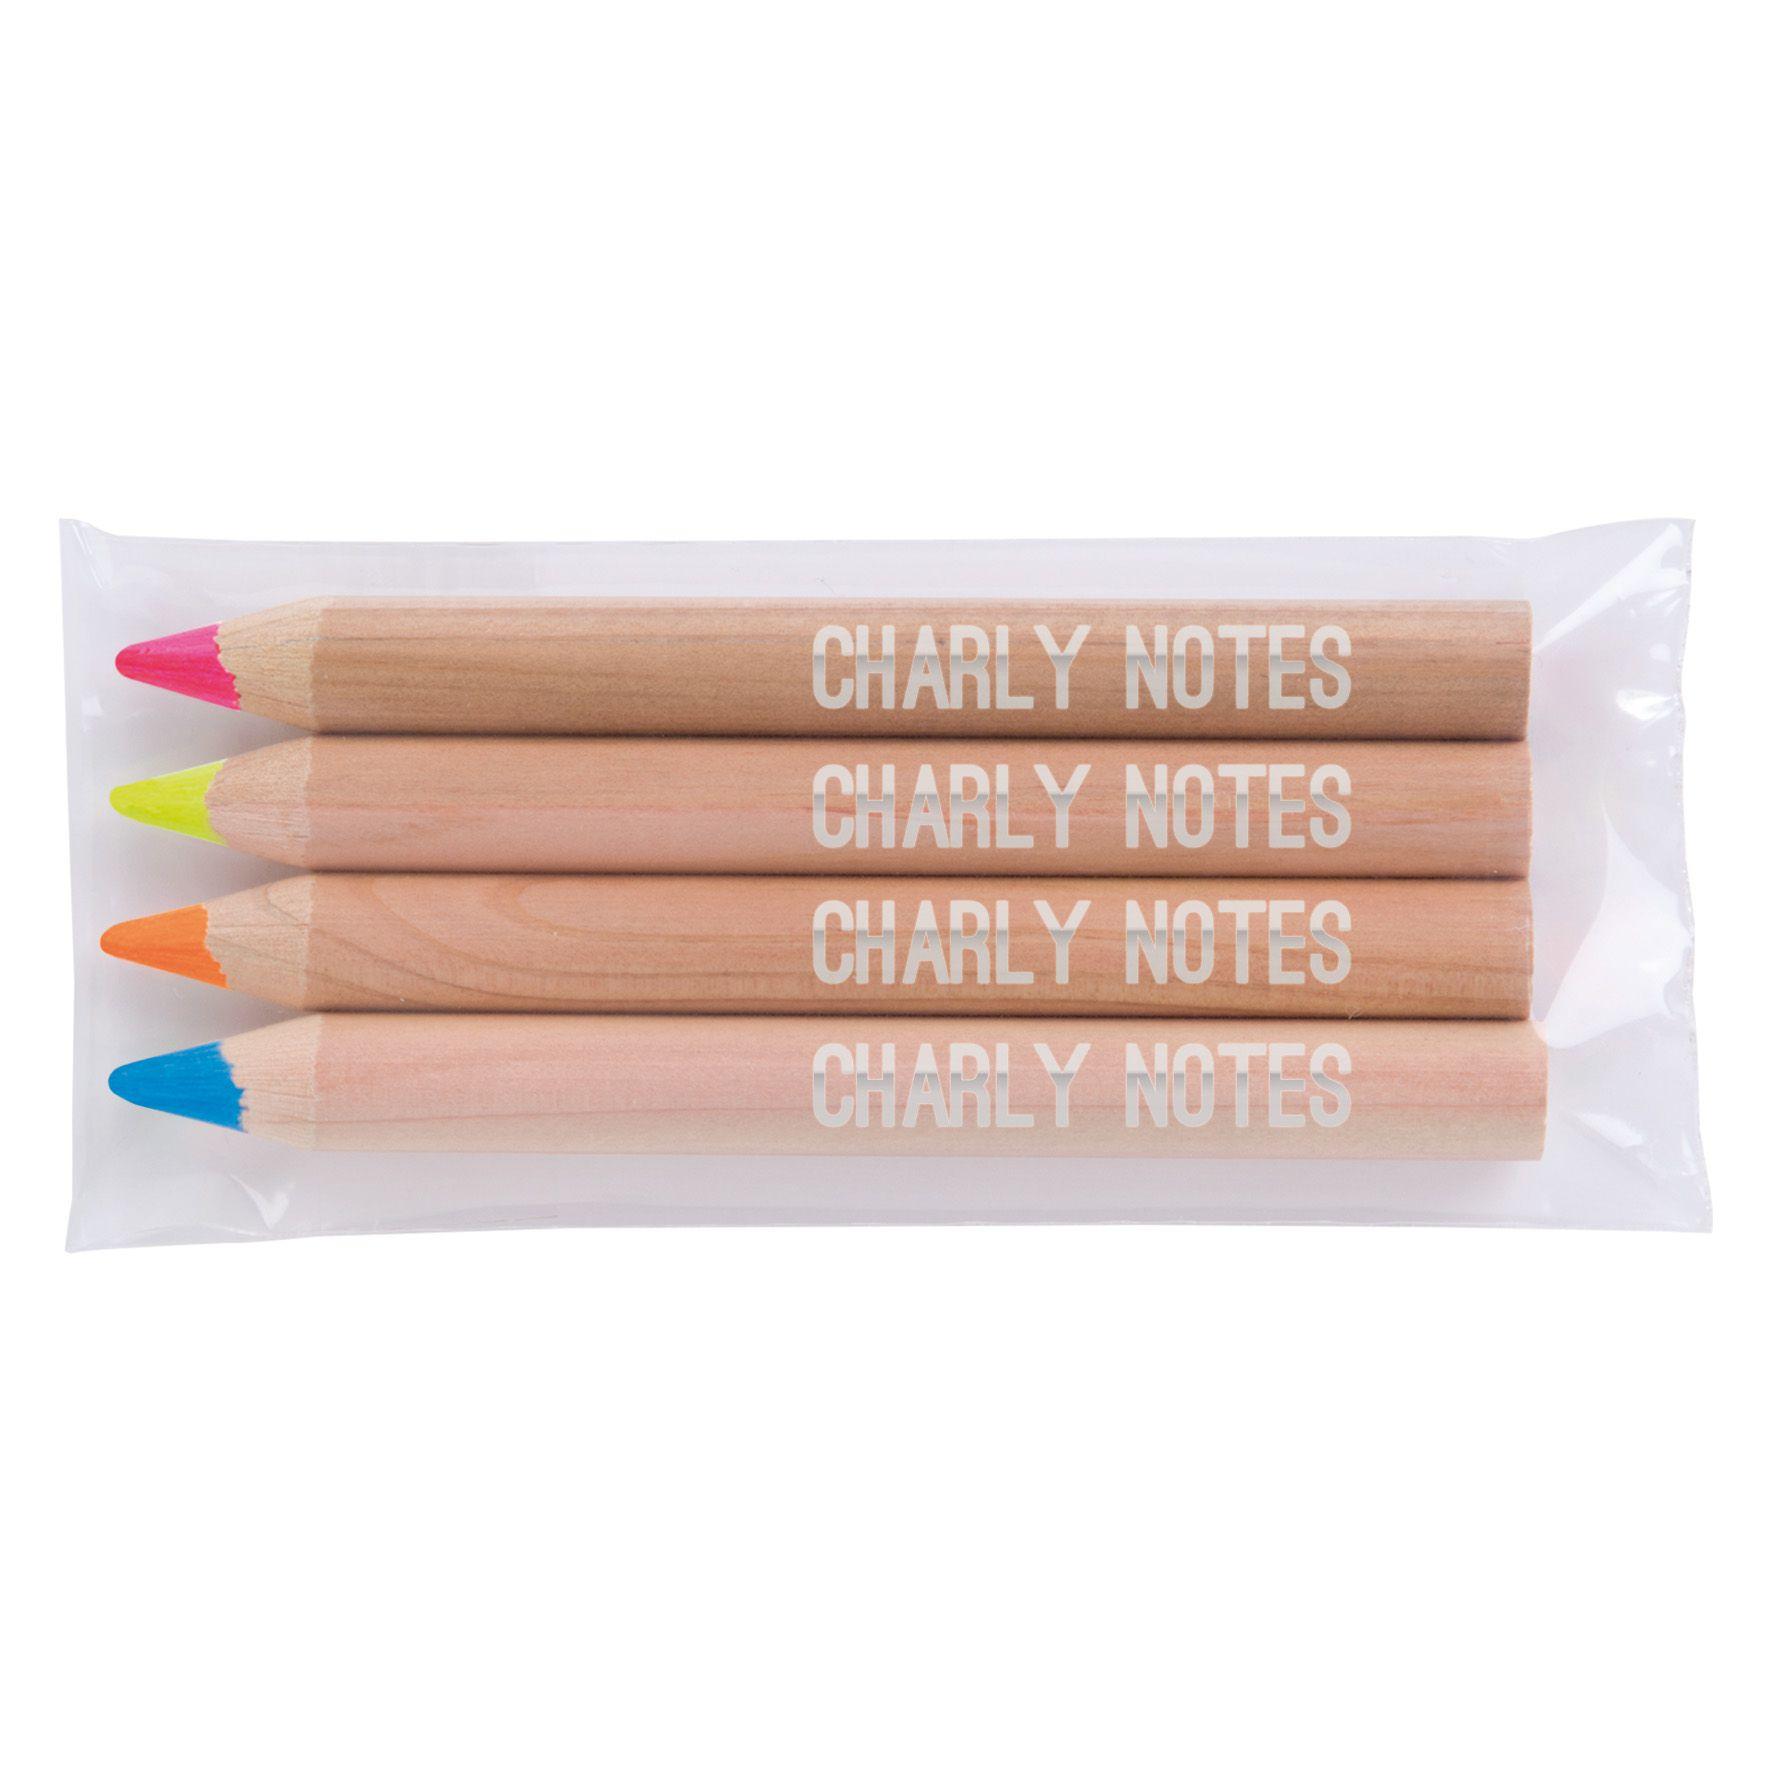 crayon publicitaire écolo - Surligneurs publicitaires naturel fluo L 8,5